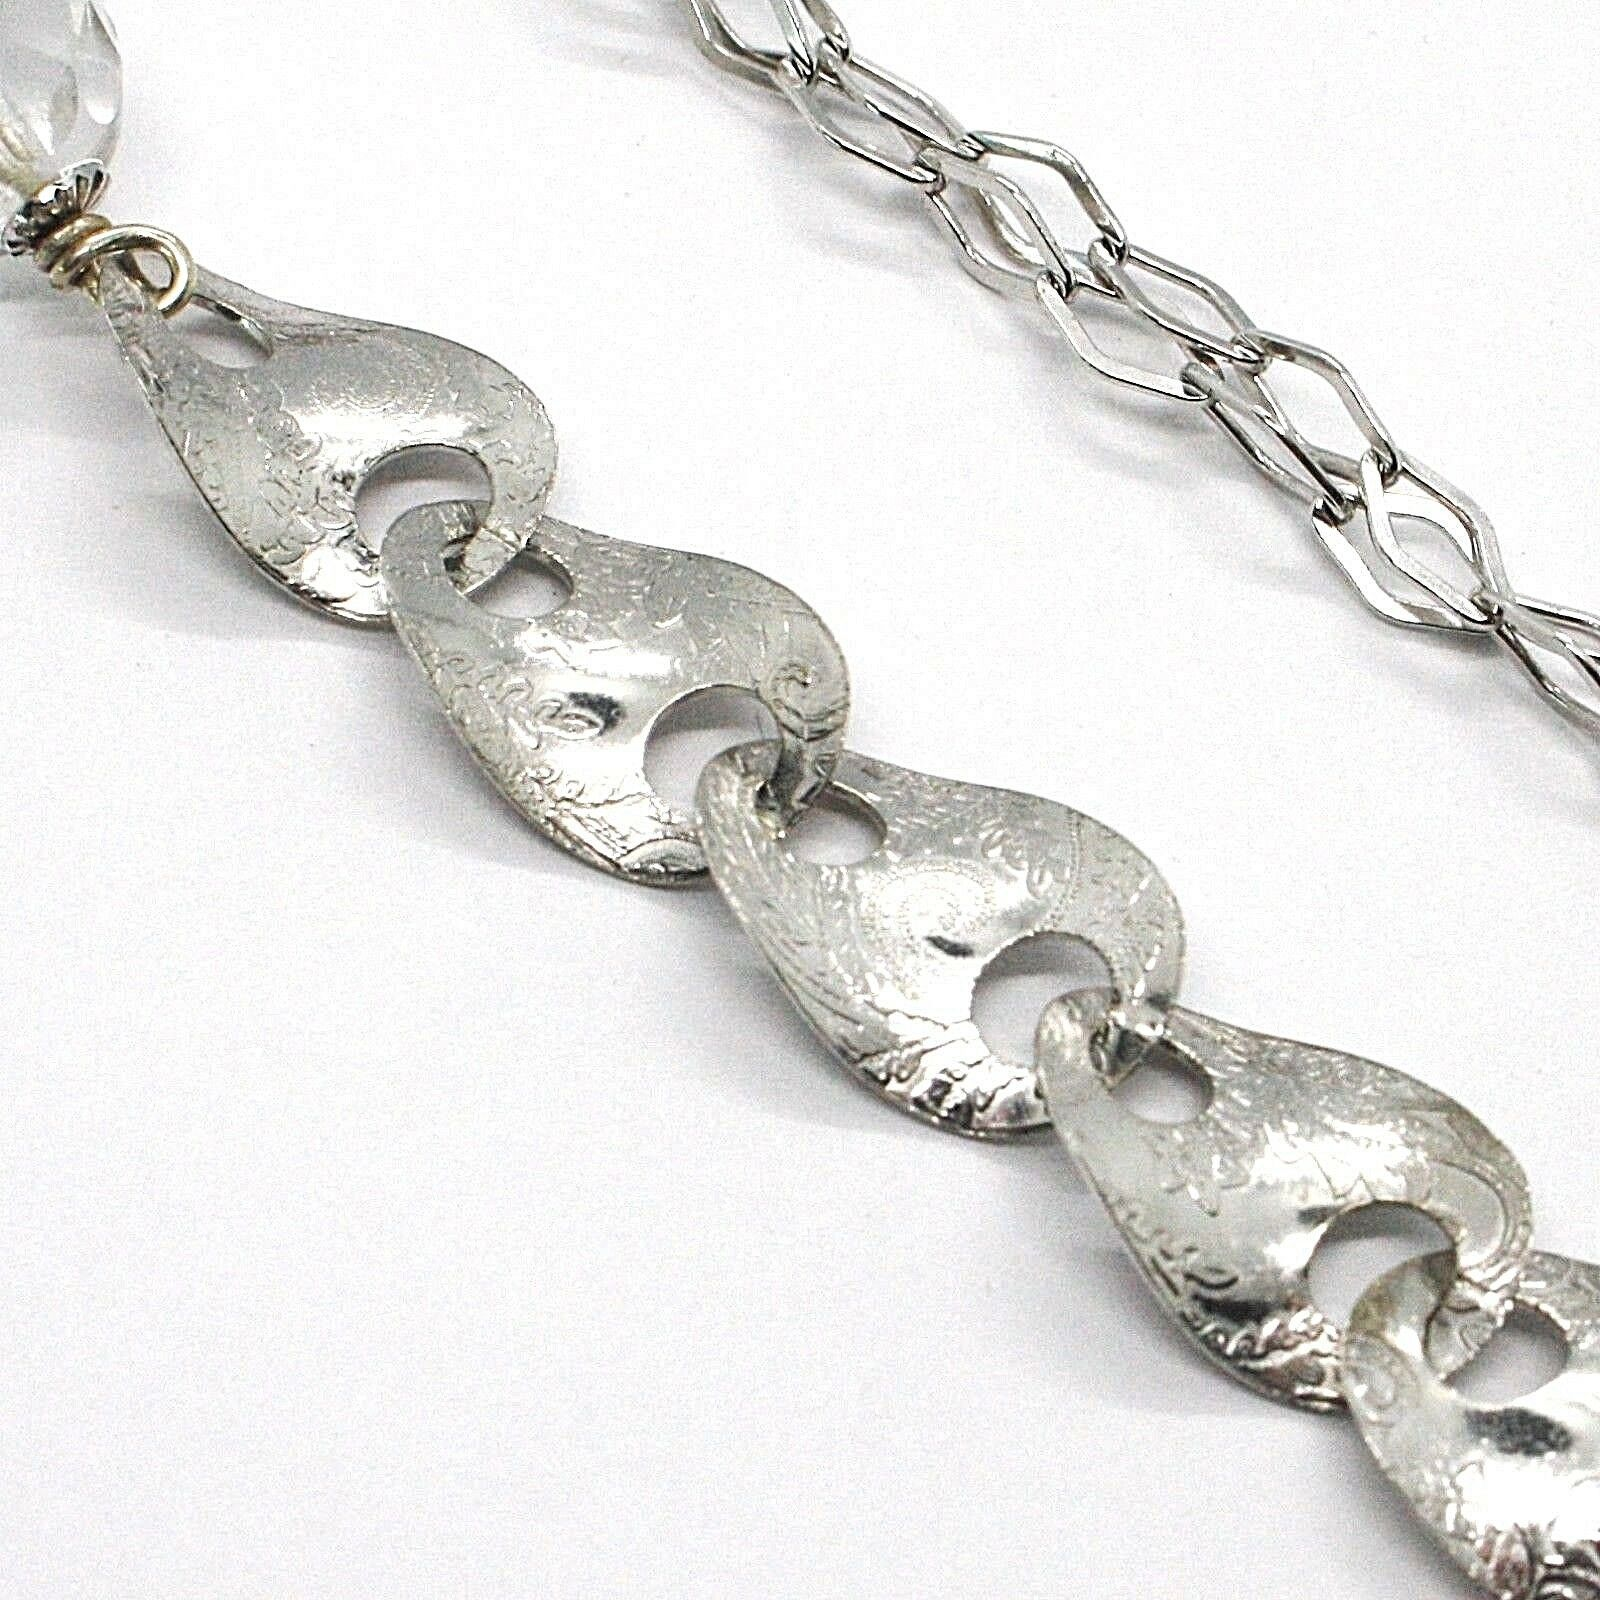 925 Silber Halskette, Jade Braun, Länge 80 cm, Kette Strick Blumen